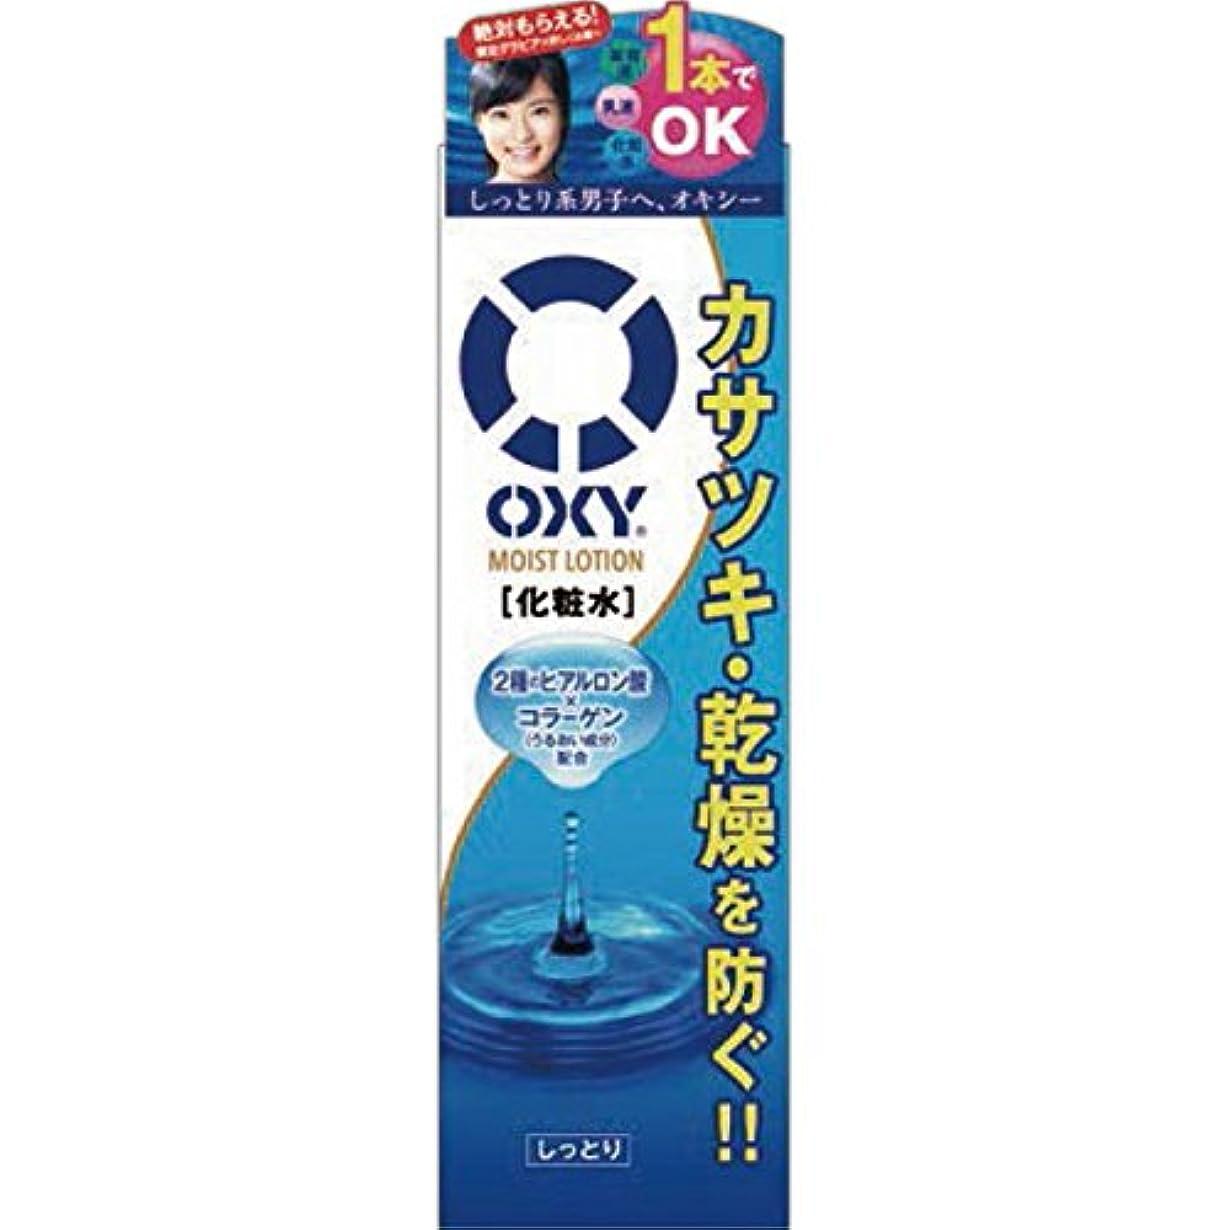 オキシー (Oxy) モイストローション オールインワン化粧水 2種のヒアルロン酸×コラーゲン配合 ゼラニウムの香 170mL